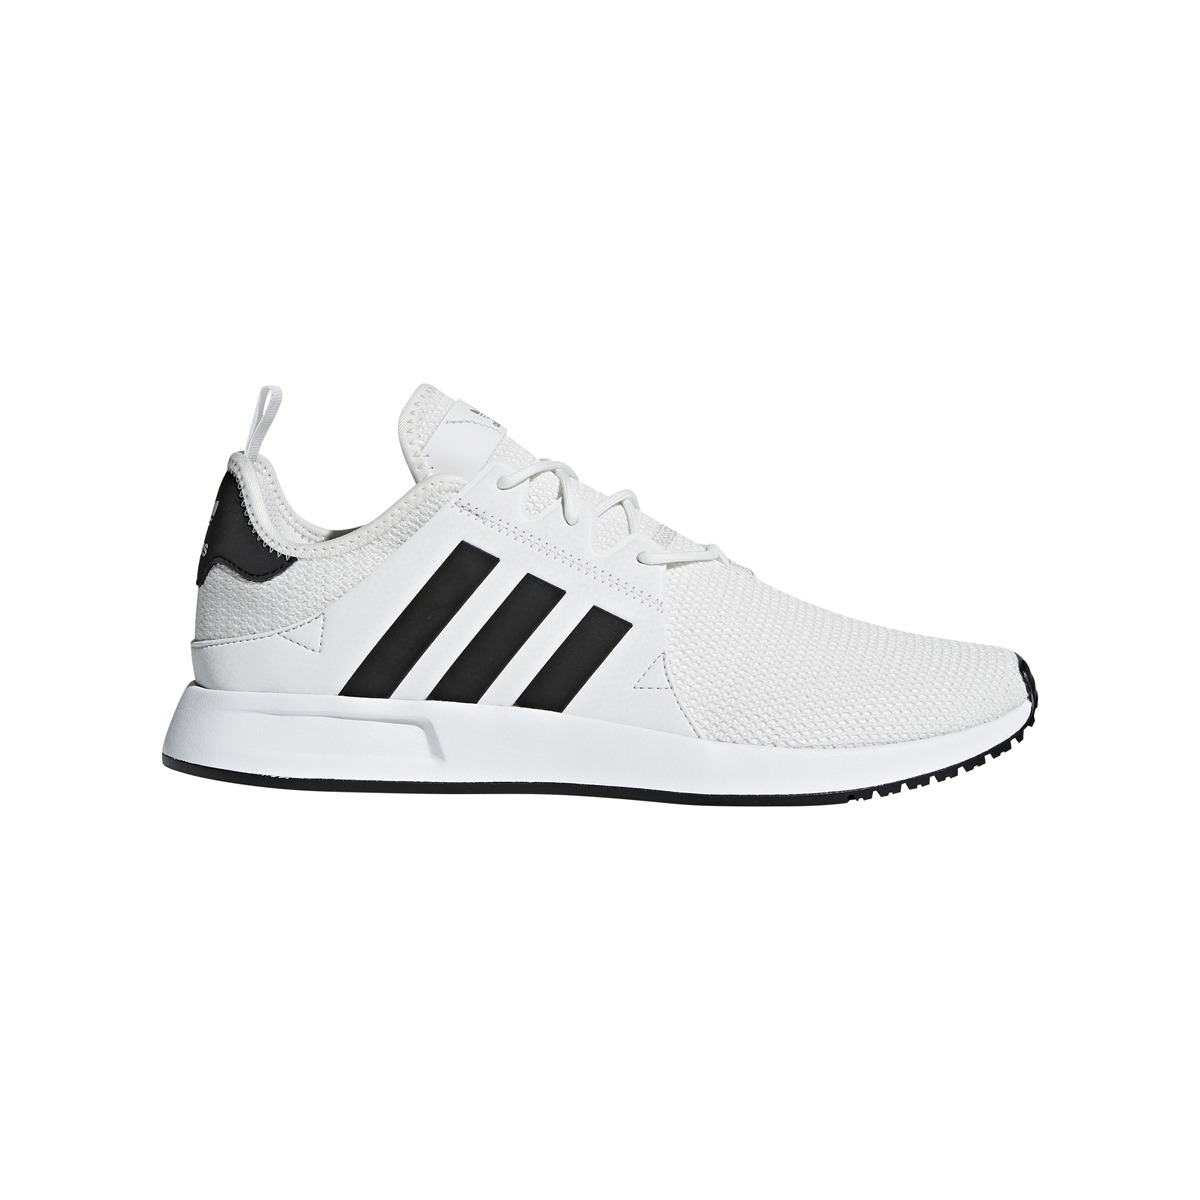 save off 8b55a bfc2e Cargando zoom... zapatillas adidas hombre